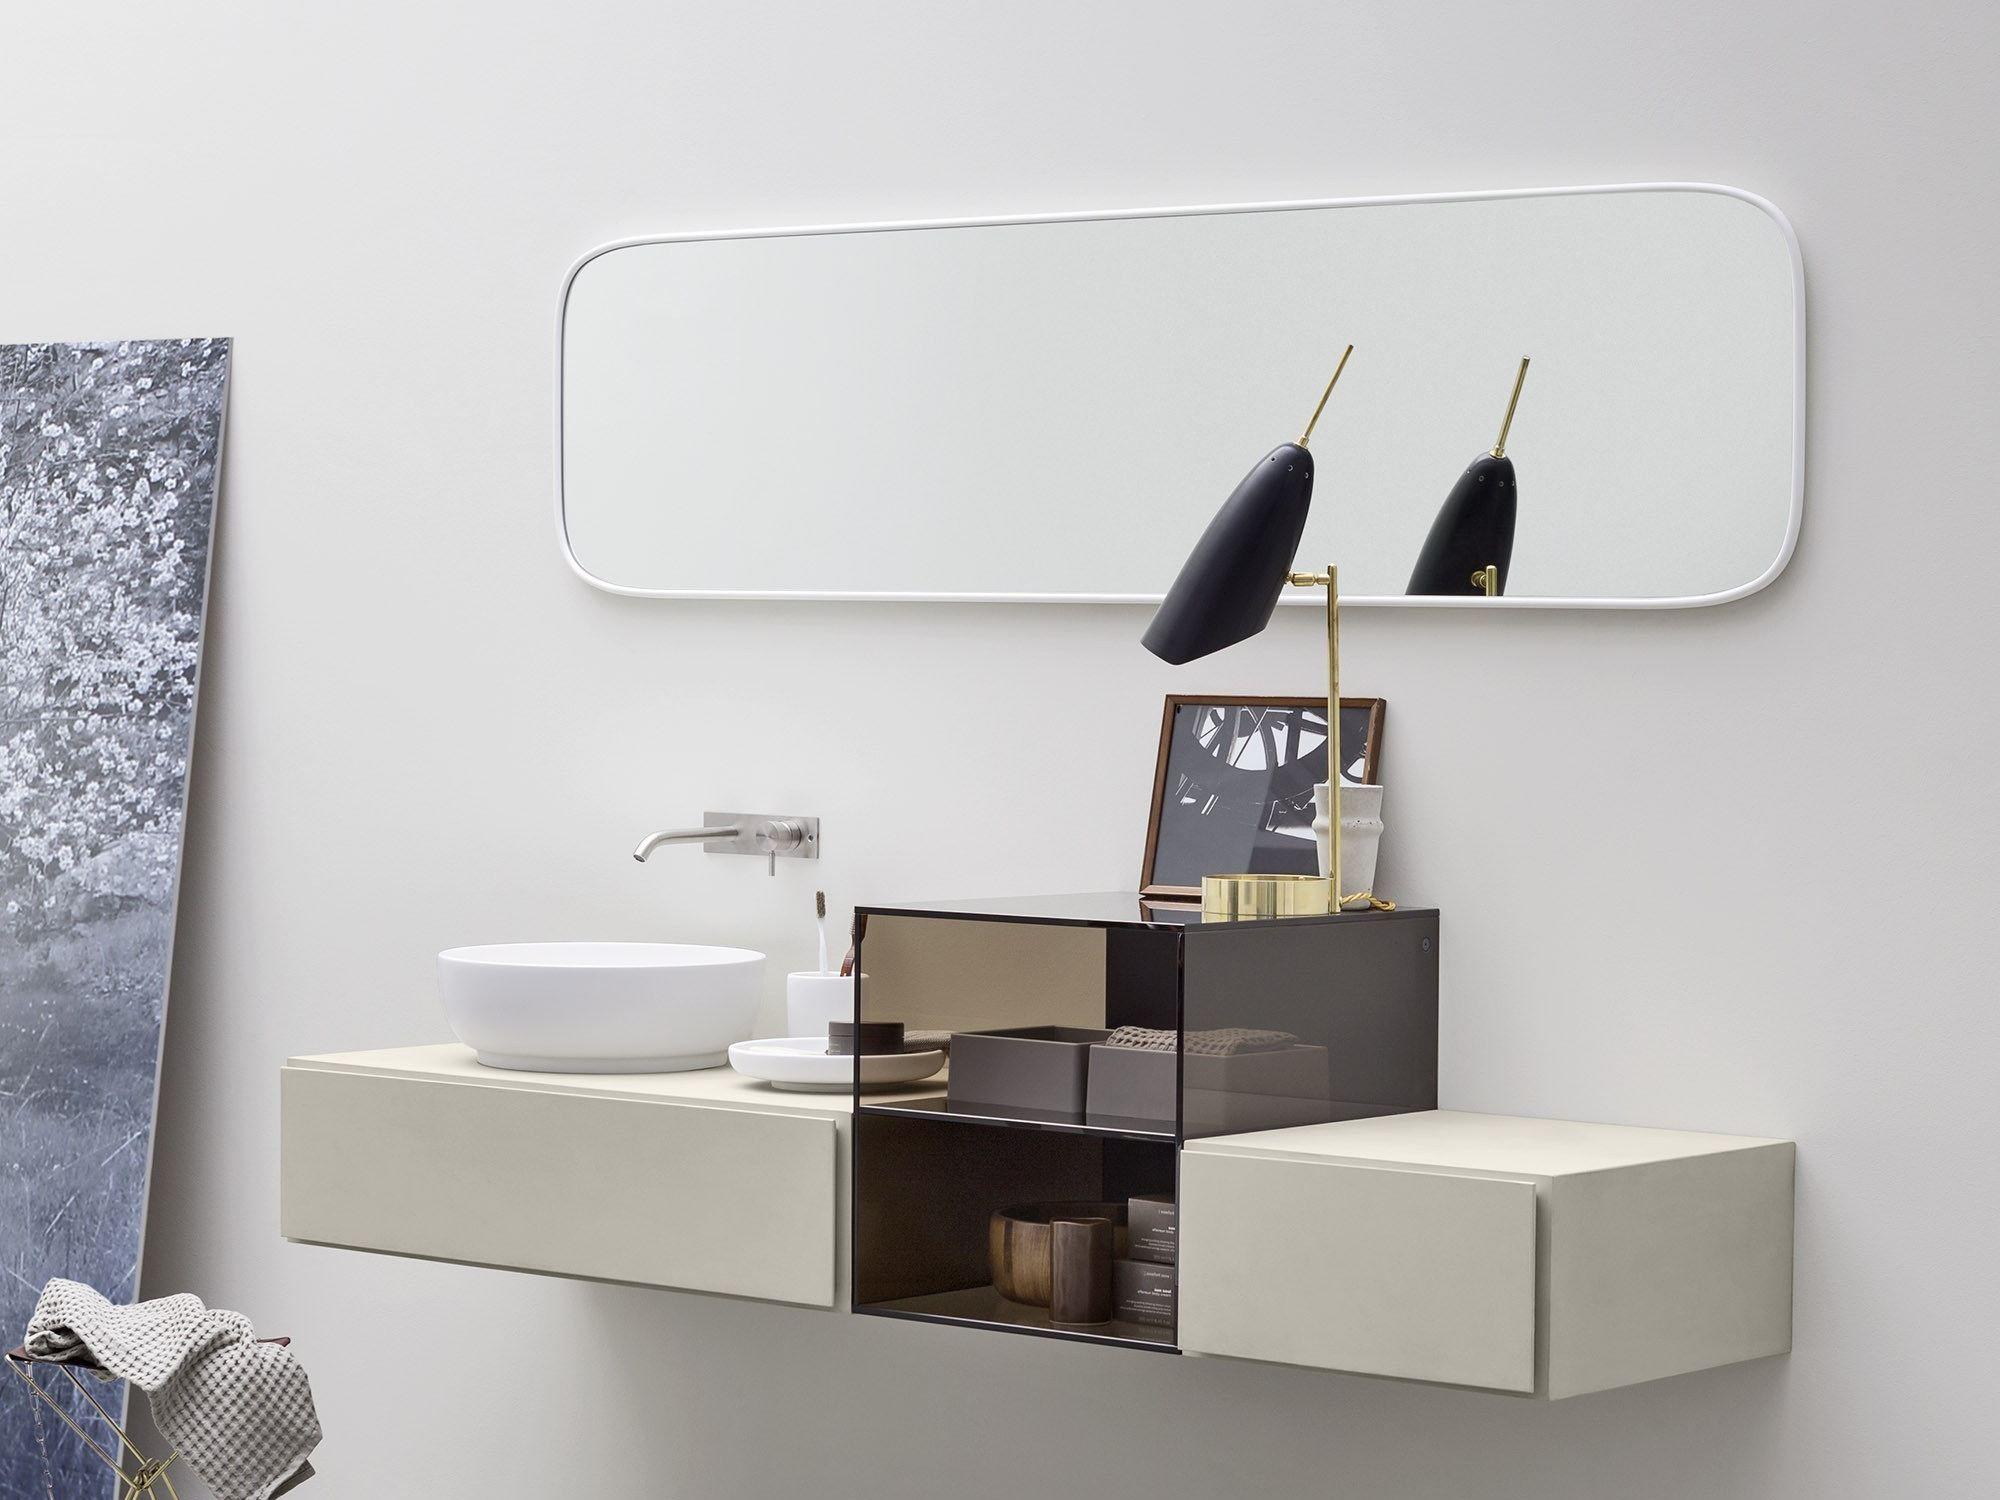 ESPERANTO | Einzel- Waschtischunterschrank By Rexa Design Design ... | {Waschtischunterschrank design 88}